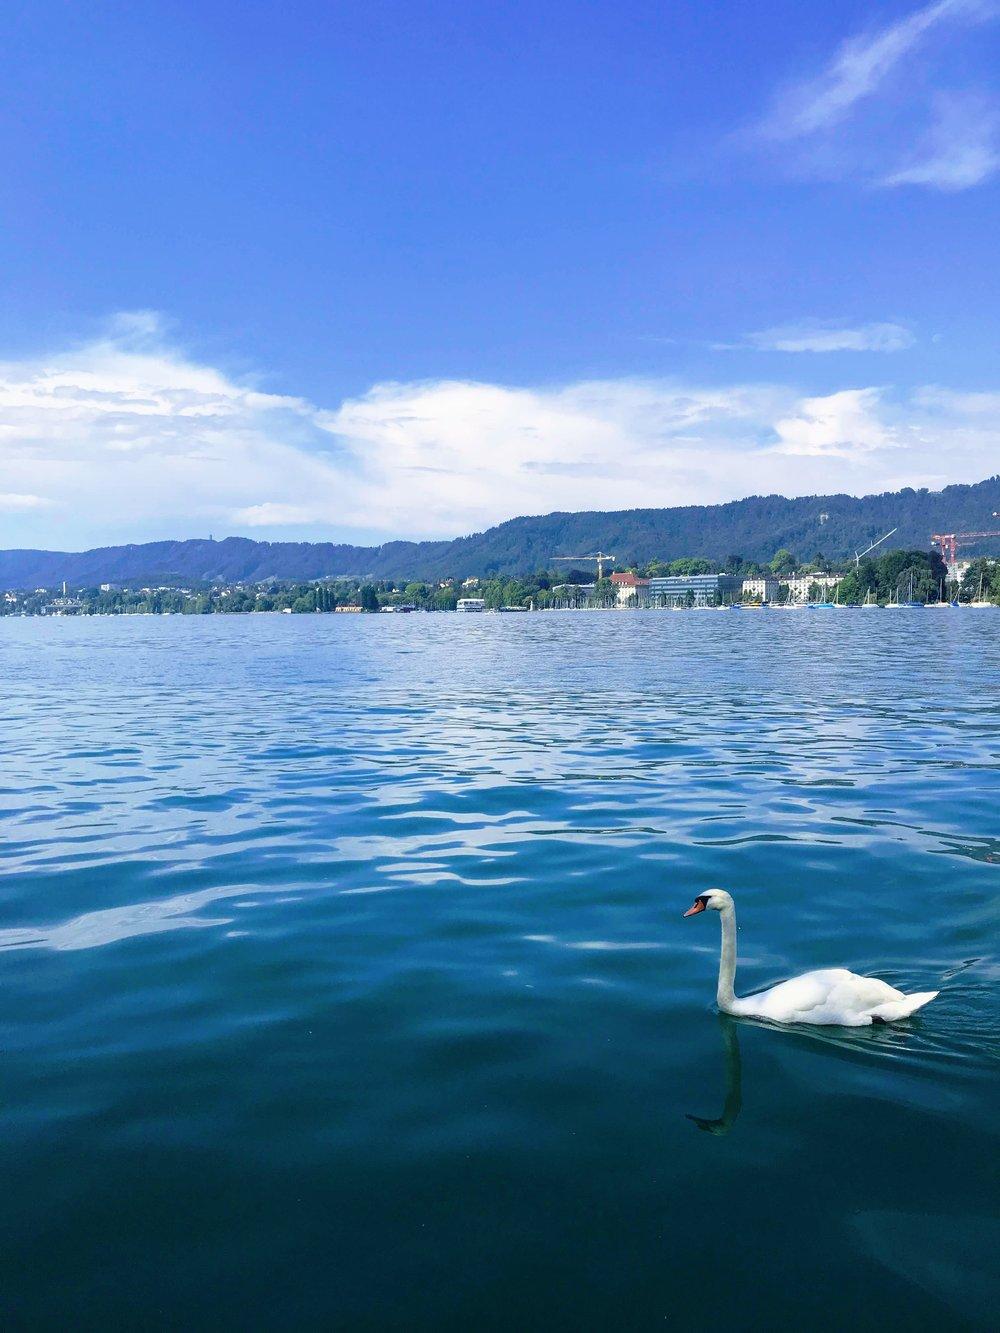 Swans near Bellevue on Lake Zurich